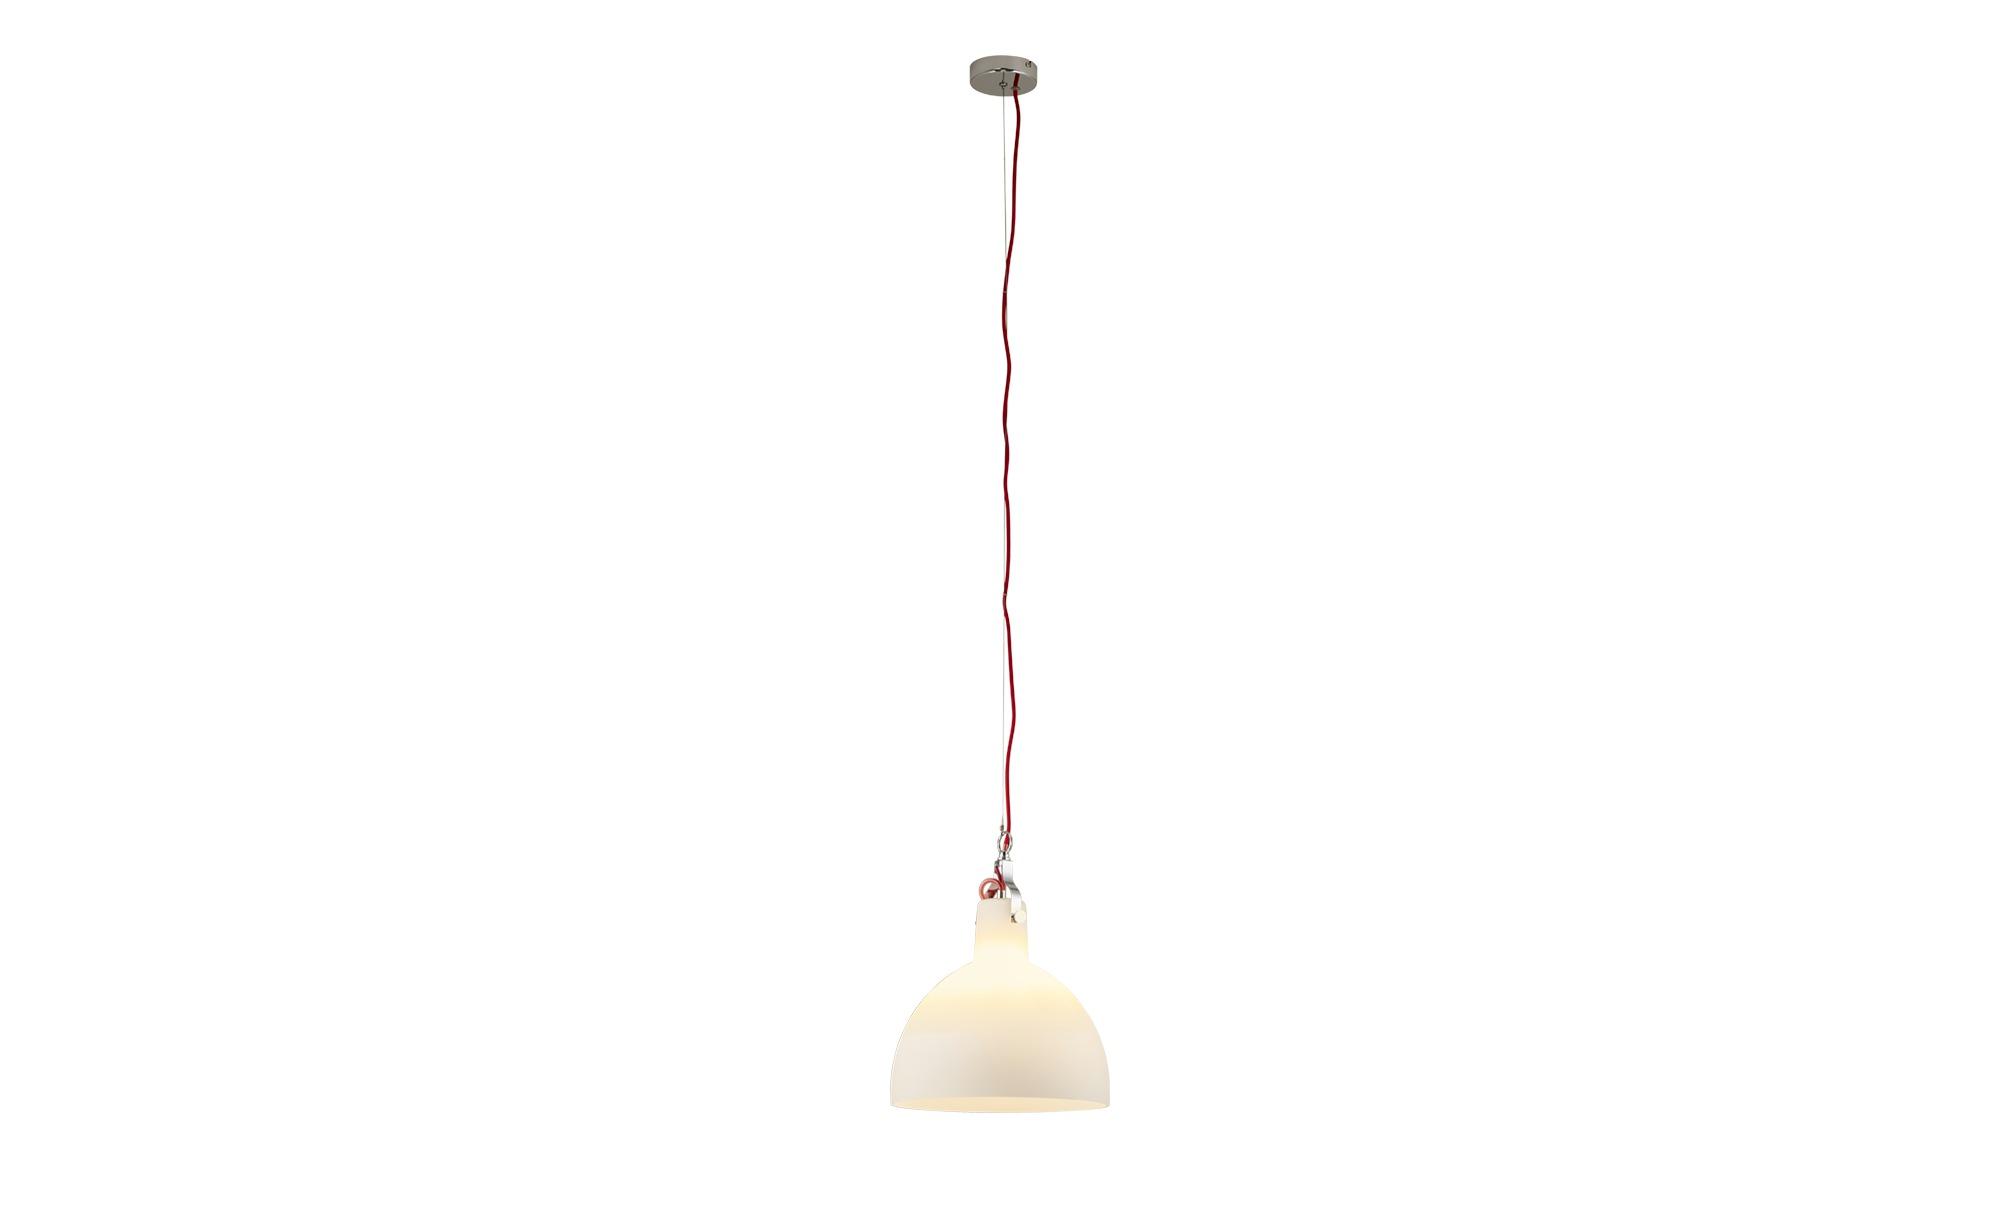 KHG Pendelleuchte, 1-flammig, Glas Weiß ¦ weiß ¦ Maße (cm): B: 30 H: 150 Lampen & Leuchten > Innenleuchten > Pendelleuchten - Höffner